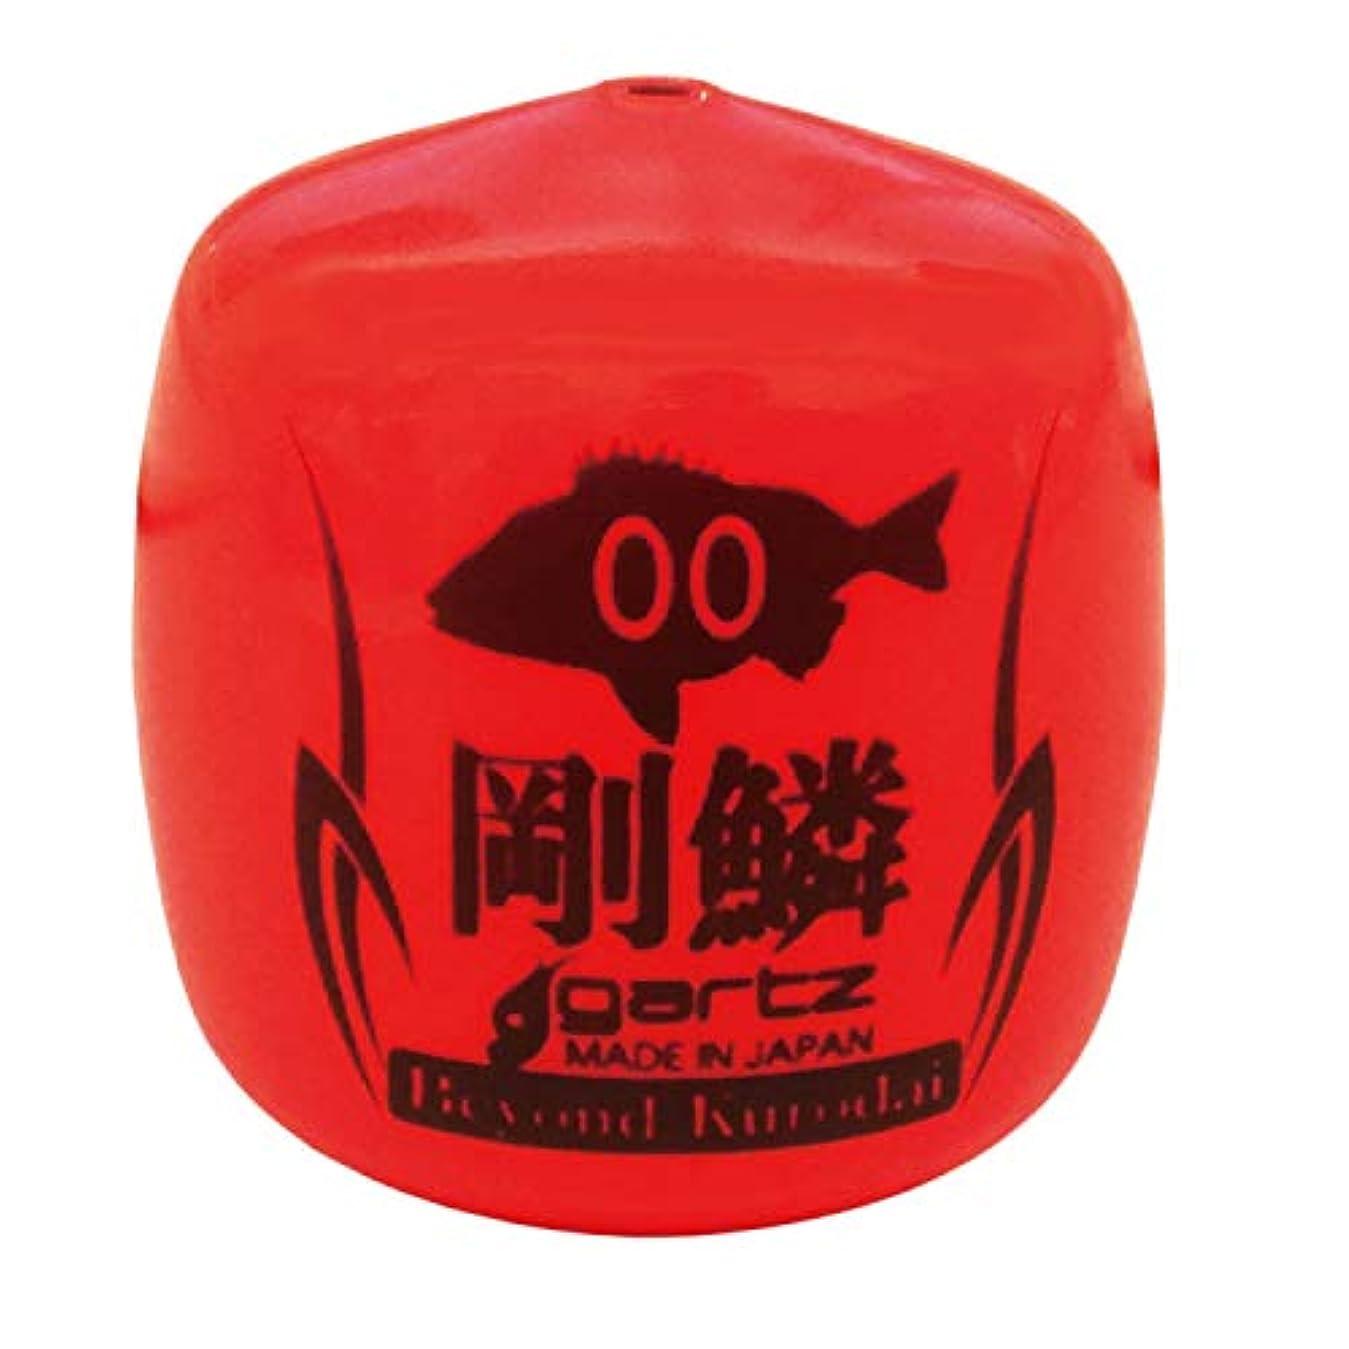 混乱させるトーン水を飲むガルツ(gartz) ウキ 剛鱗 オレンジ 00 948